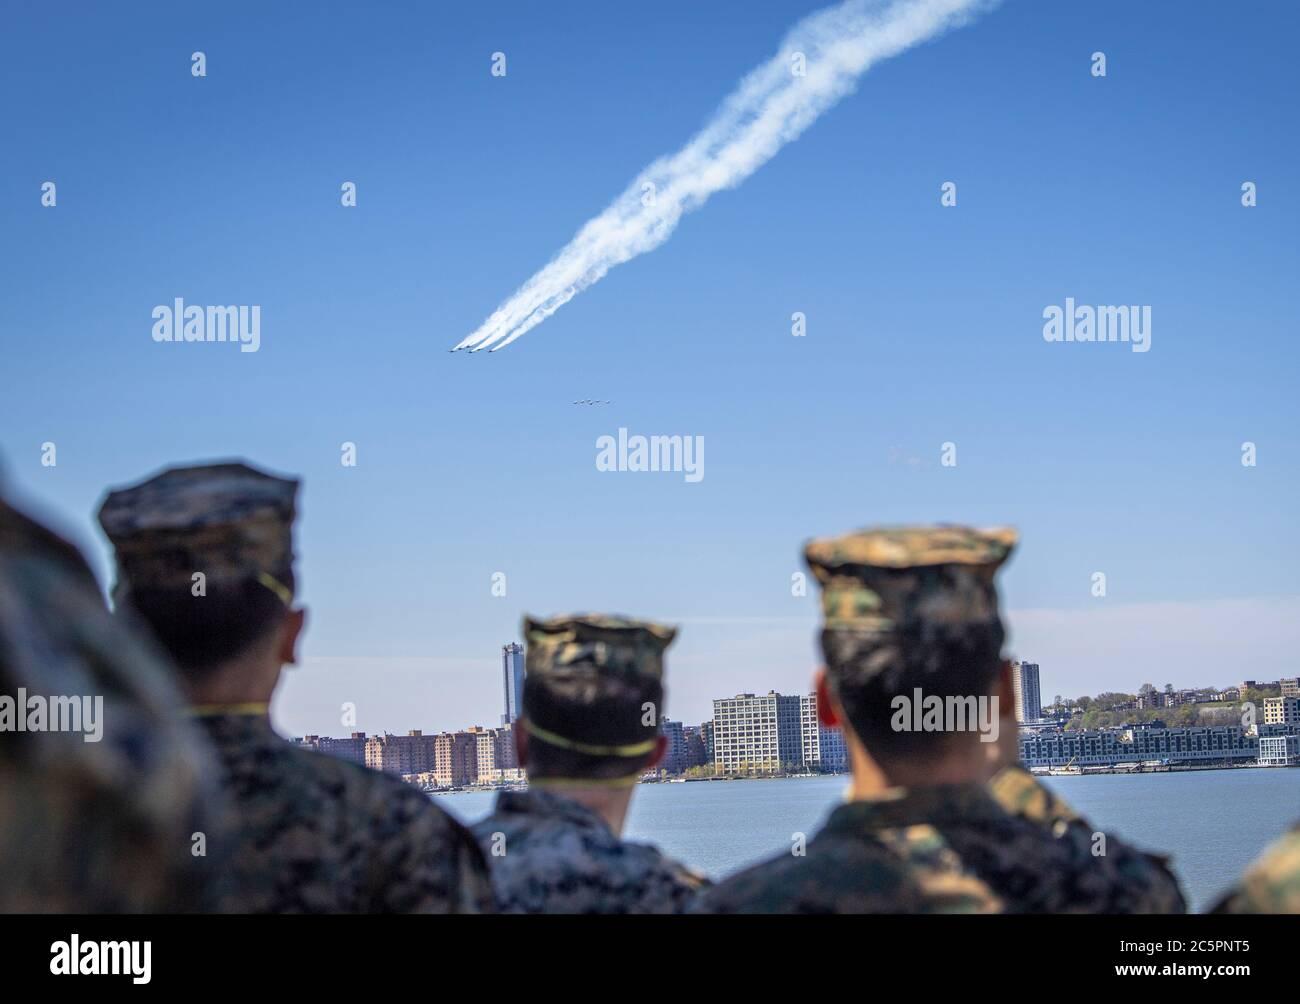 Manhattan, États-Unis d'Amérique. 29 avril 2020. NEW YORK (28 avril 2020) l'Escadron de démonstration de vol de la Marine américaine, les Blue Angels et l'Escadron de démonstration aérienne de la Force aérienne américaine, les Thunderbirds, rendent hommage aux intervenants et aux travailleurs essentiels de première ligne du COVID-19 qui ont un vol de formation au-dessus de la ville de New York. La formation de six avions F/A-18 C/D Hornet et de six faucon F-16 C/D de combat, font des autoponts un hommage collaboratif aux travailleurs de la santé, aux premiers intervenants, aux militaires et à d'autres membres du personnel essentiel. Crédit: Groupe médias de tempêtes/Alay Live News Banque D'Images